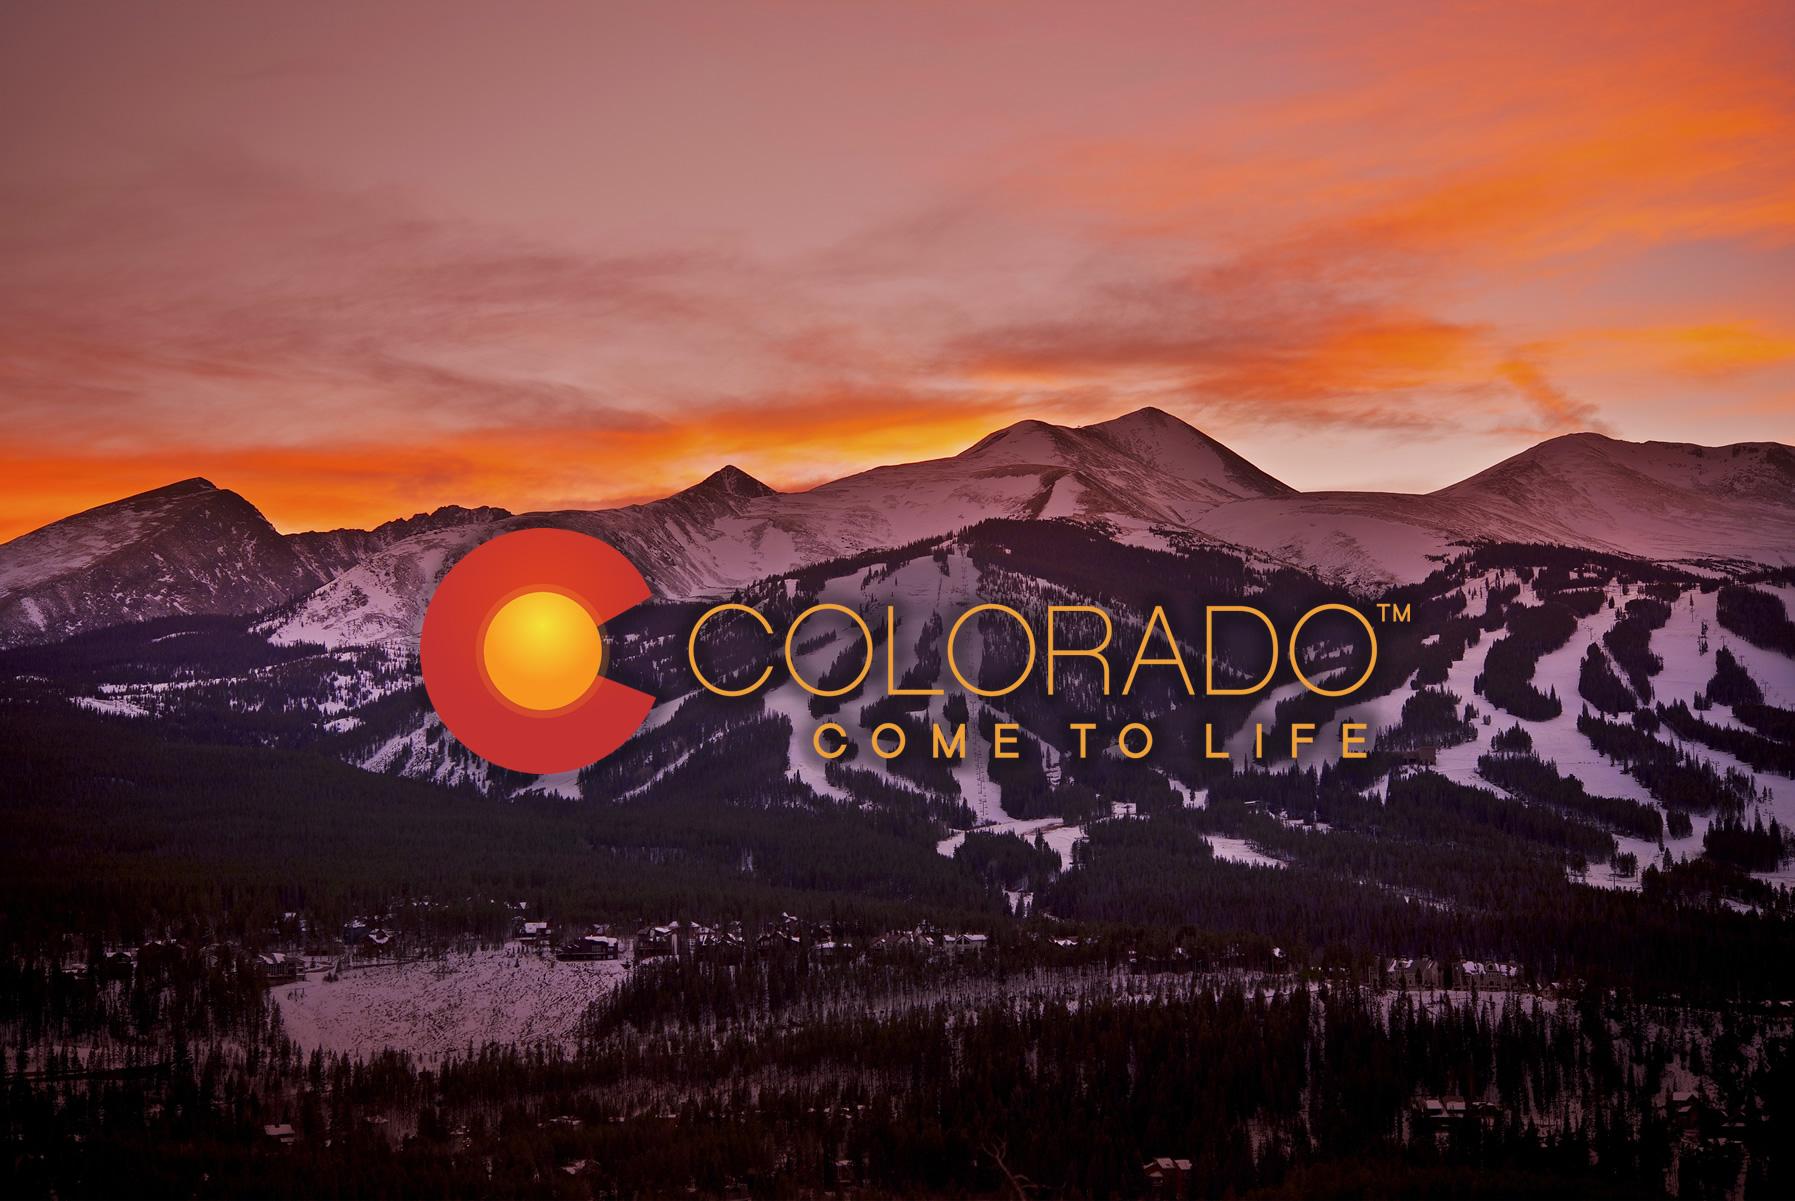 Colorado Dept of Tourism